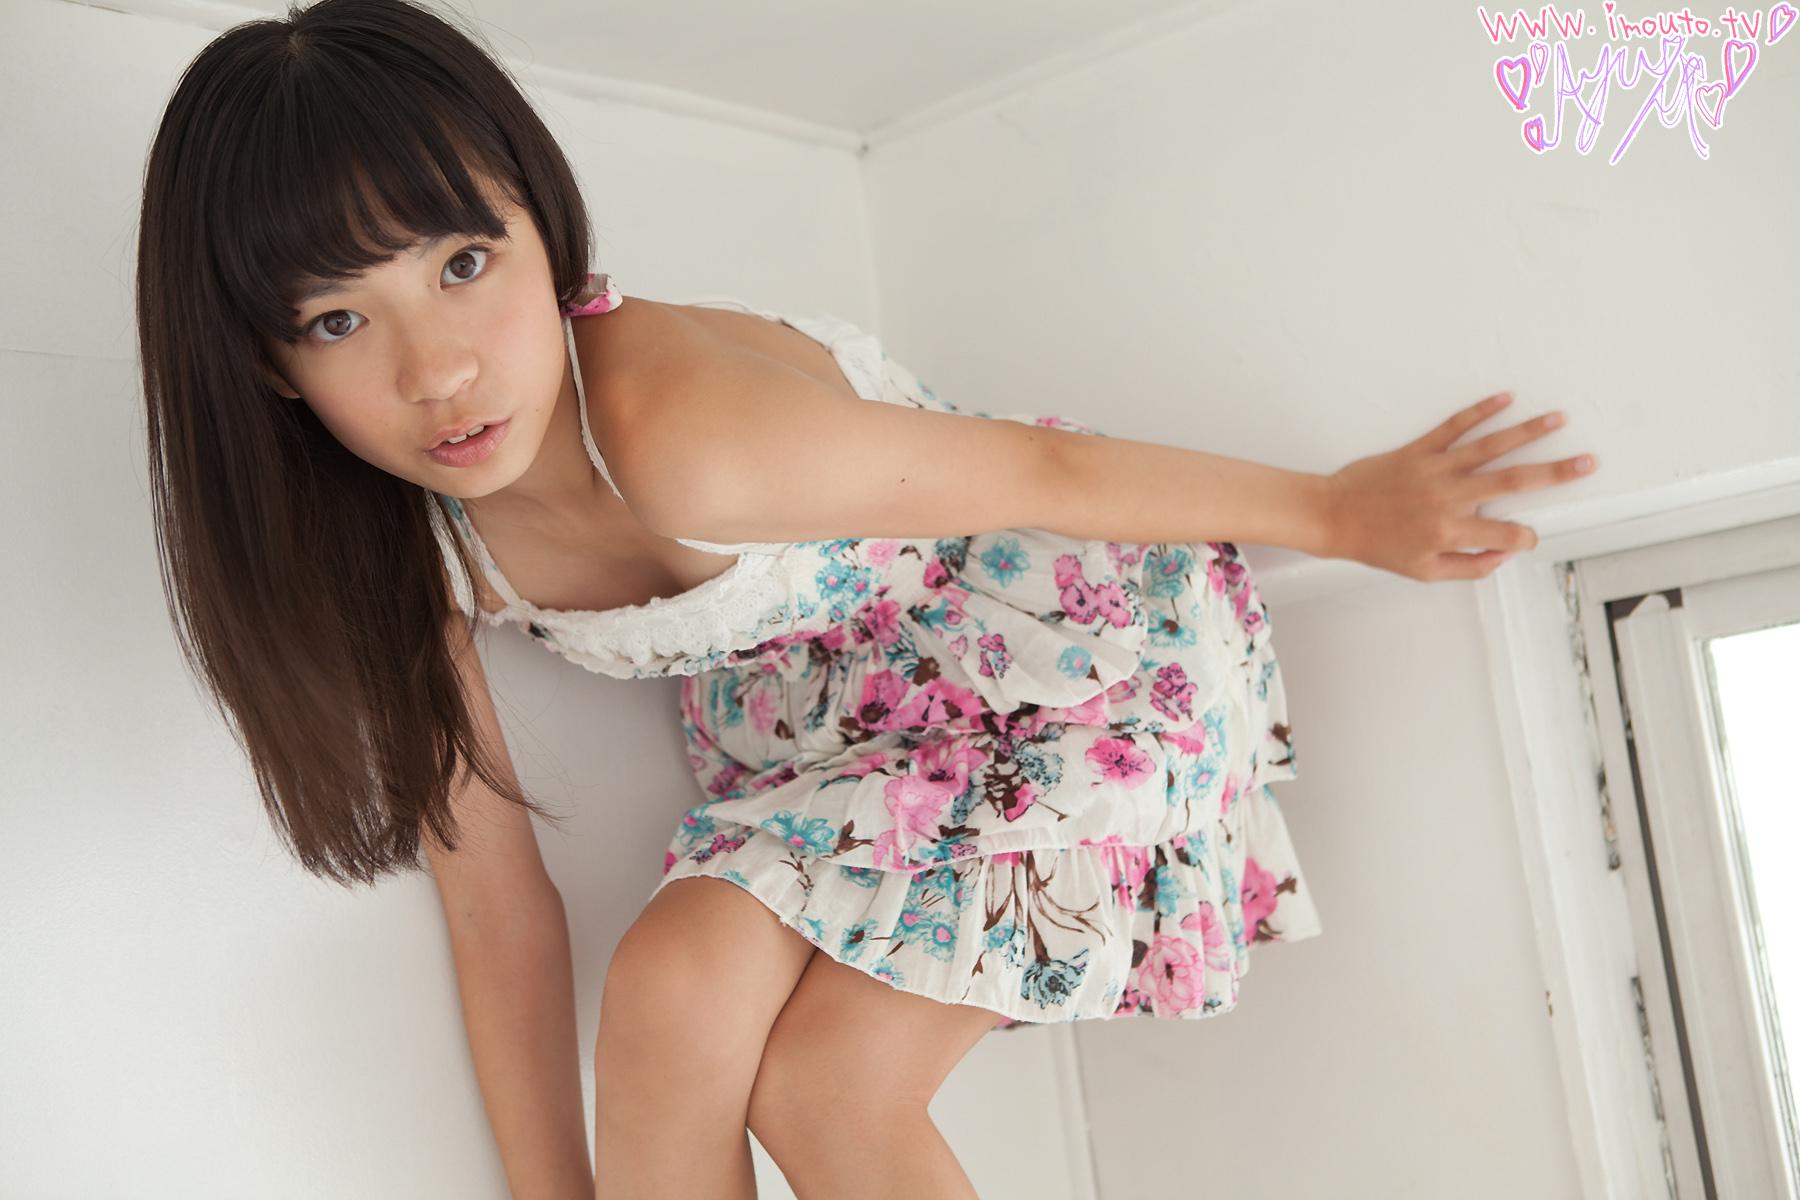 【巨乳】おっぱいが大きい子 Part.7【胸】 YouTube動画>8本 ->画像>1960枚